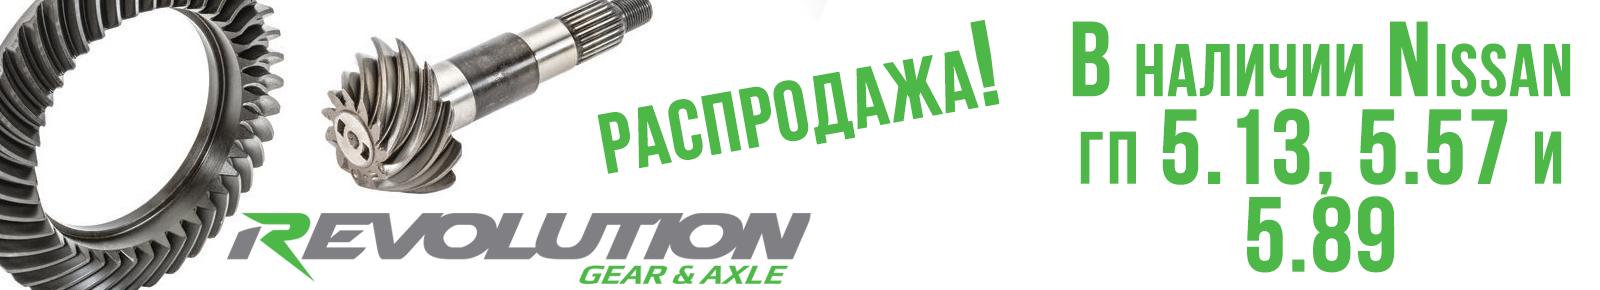 ЭКСКЛЮЗИВ REVOLUTION GEAR & AXLE В УКРАИНЕ